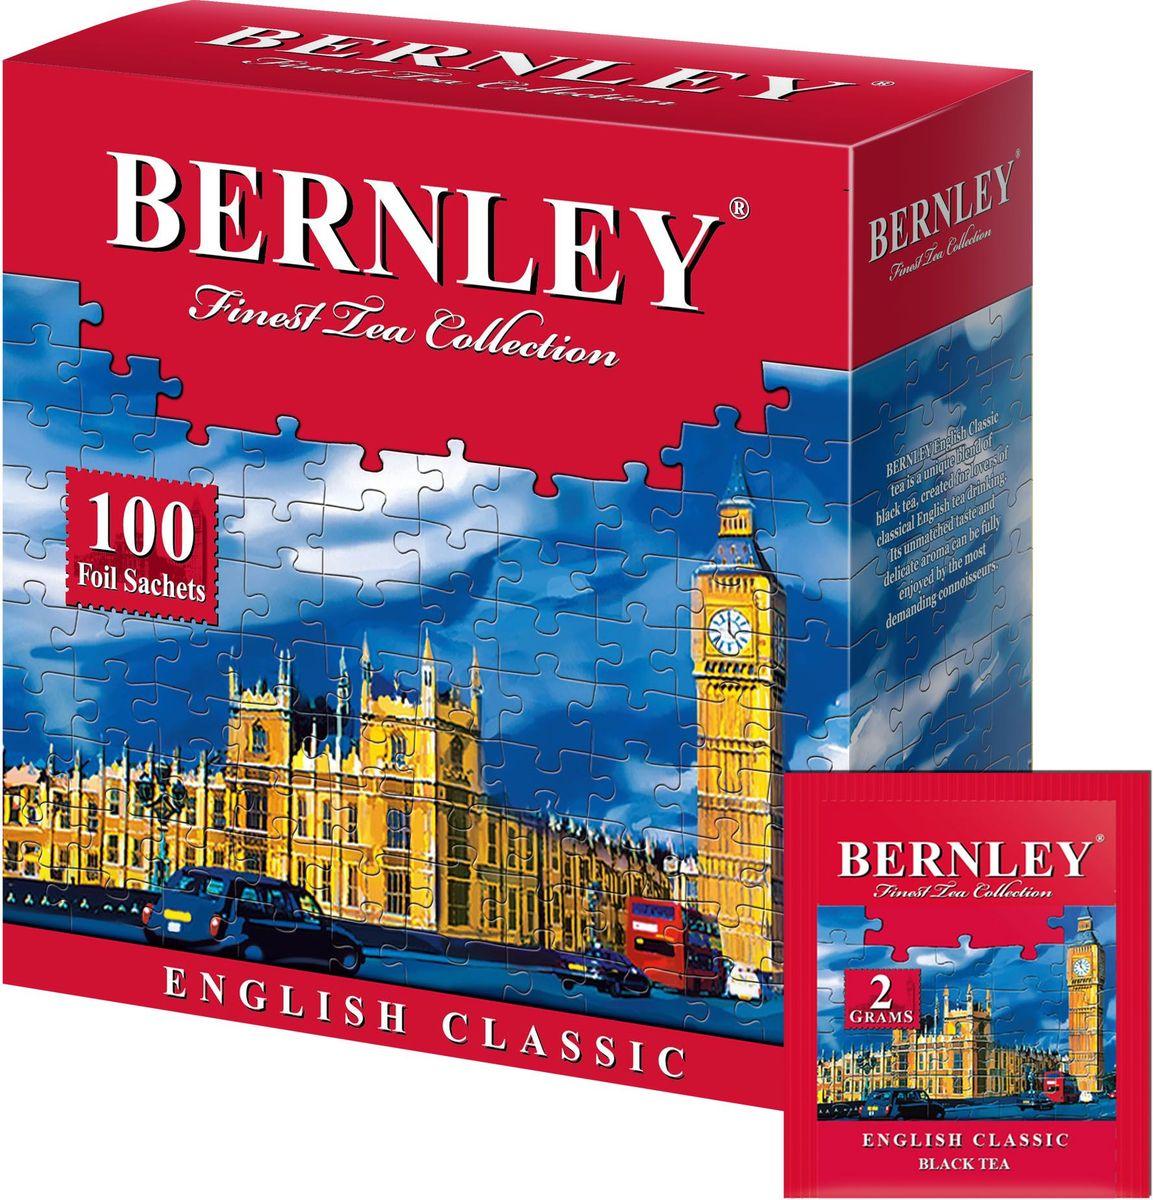 Bernley English Classic чай черный байховый мелкий в пакетиках, 100 шт80098-00Чай Bernley English Classic в конвертах имеет терпкий вкус, отлично сбалансированный, с восхитительно утонченными оригинальными оттенками. Быстро восстанавливает силы, повышает жизненный тонус. Подходит для чаепития в любое время суток.